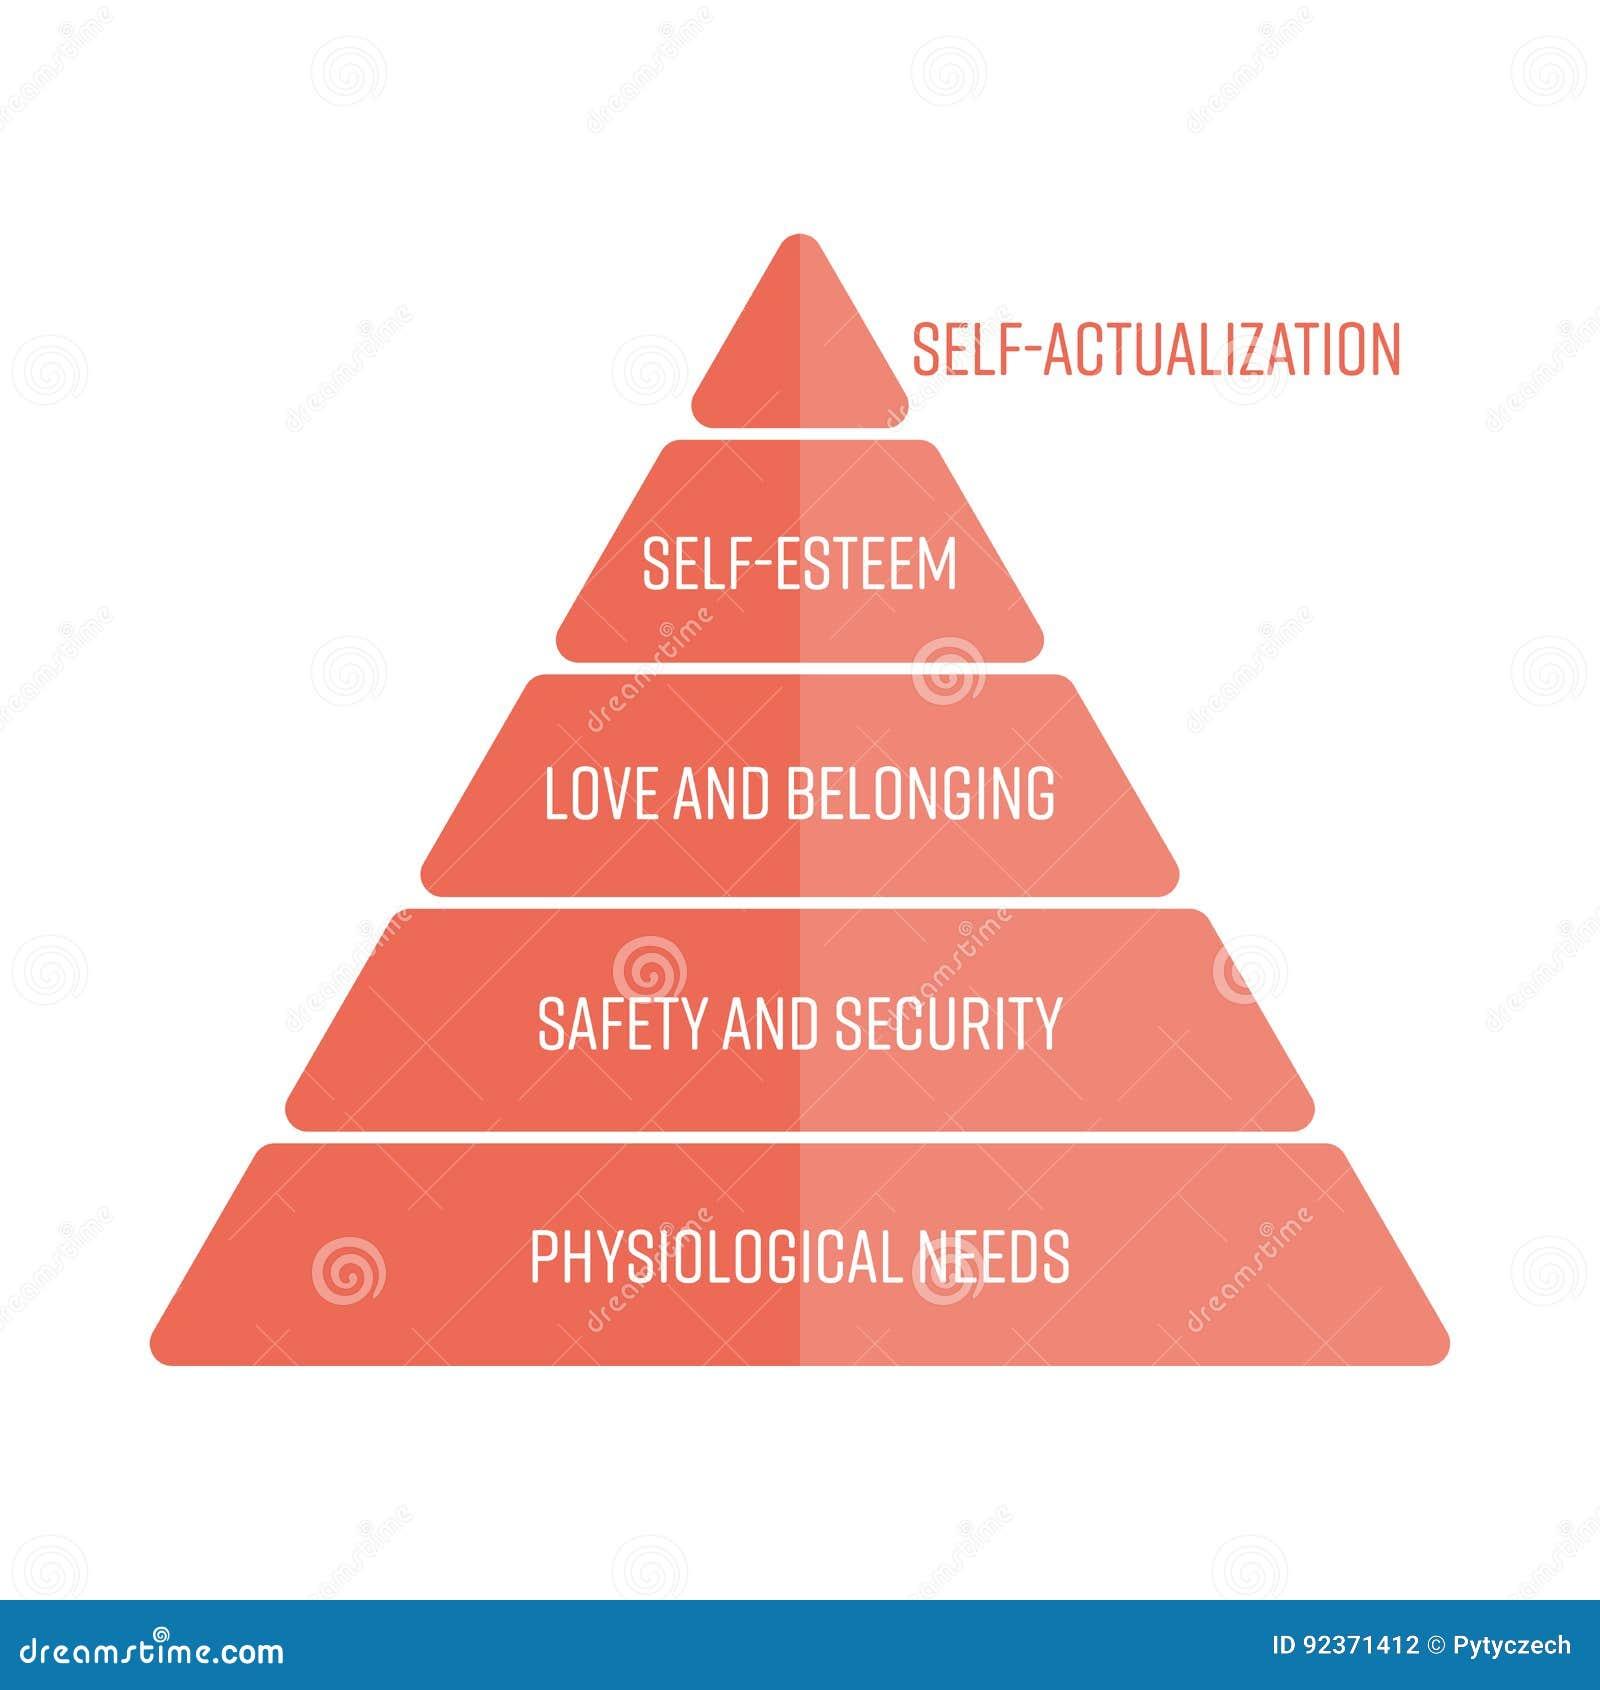 Maslows hierarki av behov som föreställs som en pyramid med de längst ner mest grundläggande behoven Enkel plan vektor